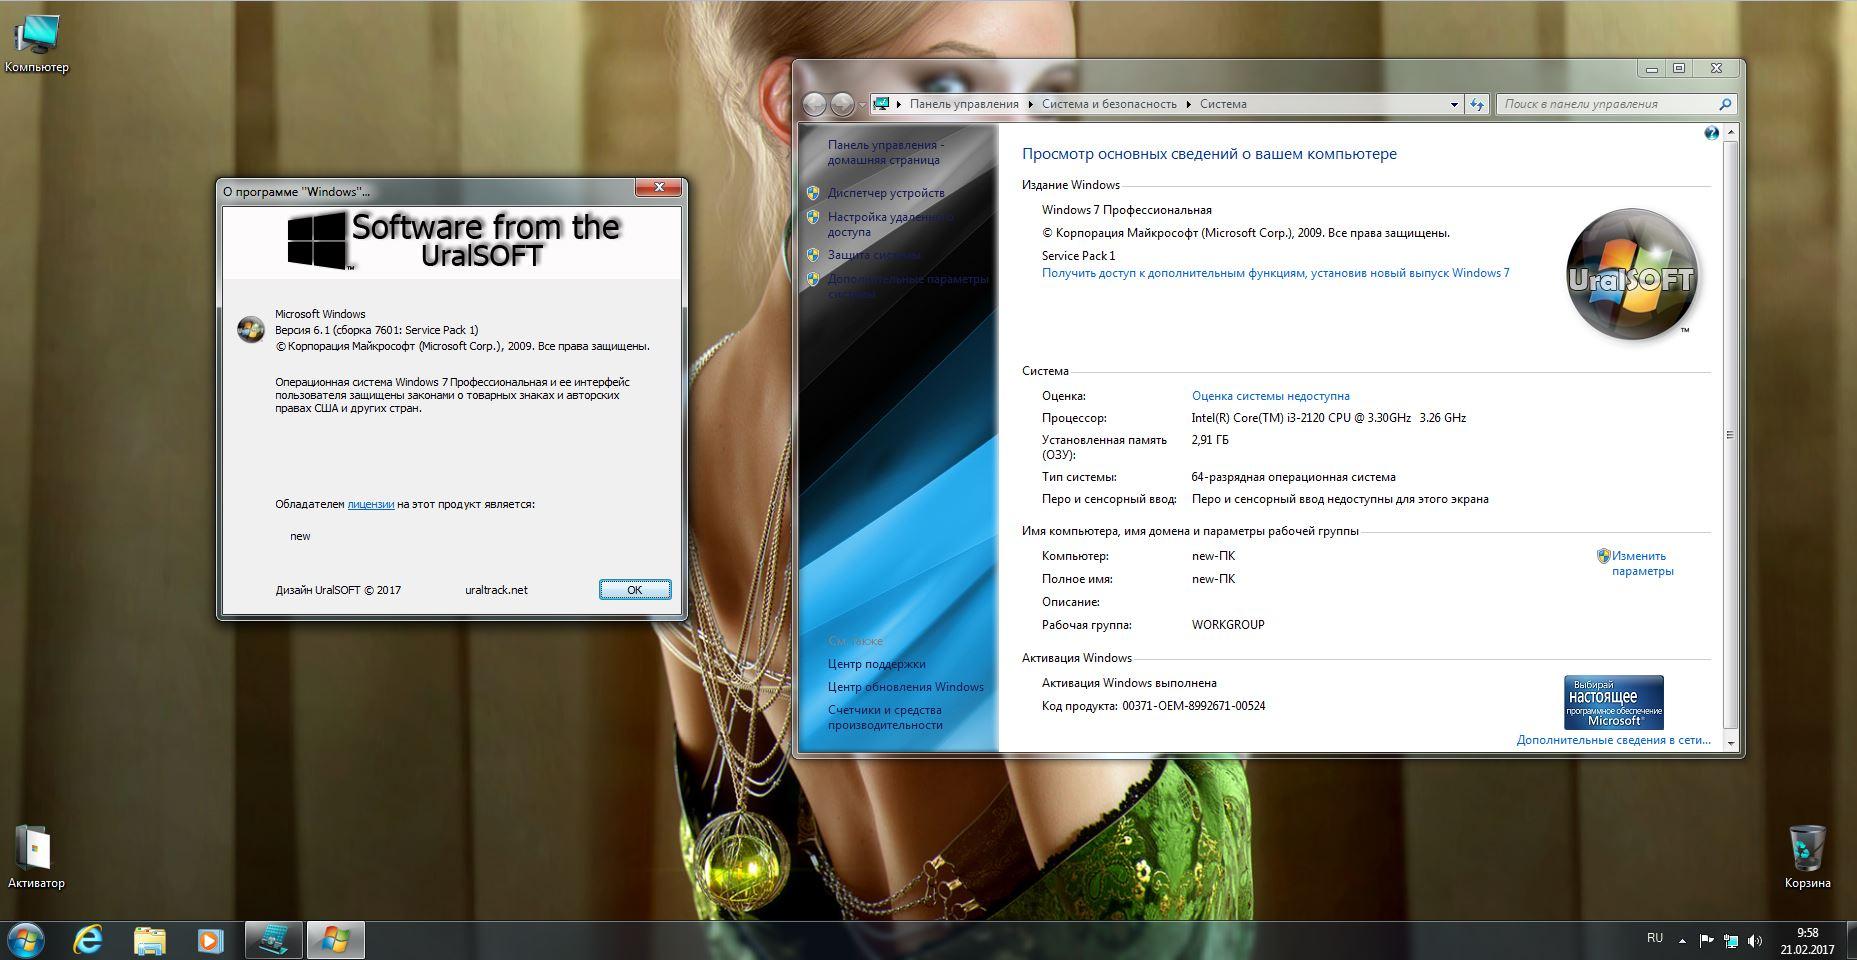 Сборка windows 7 uralsoft скачать